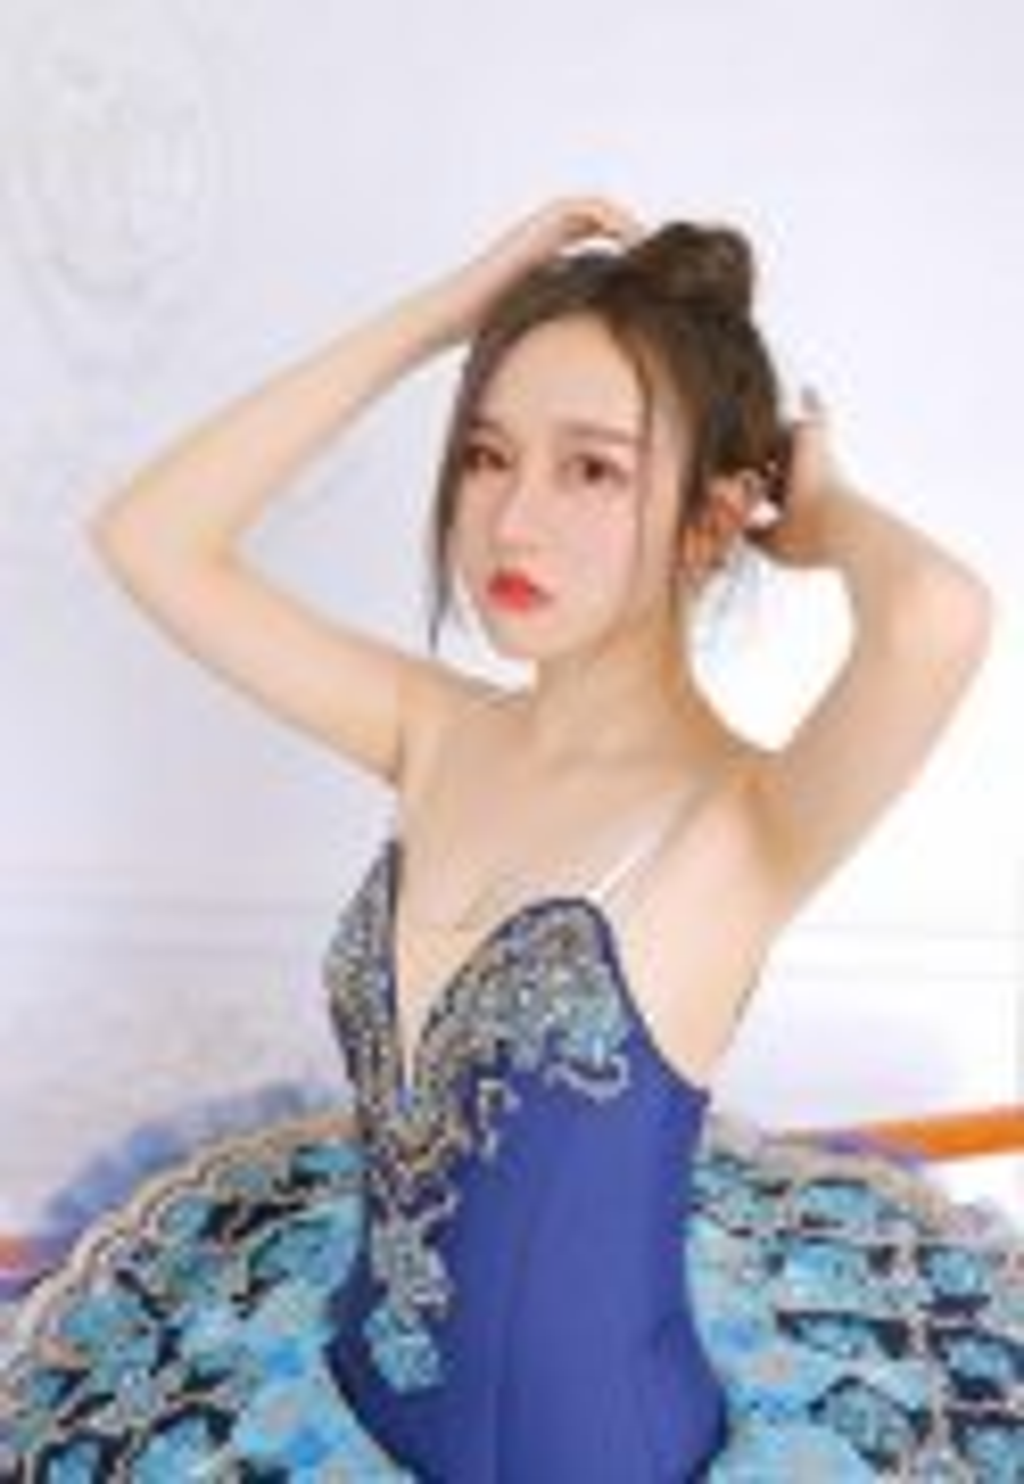 芭蕾舞美女性感诱人吊带超短裙曼妙舞姿写真图